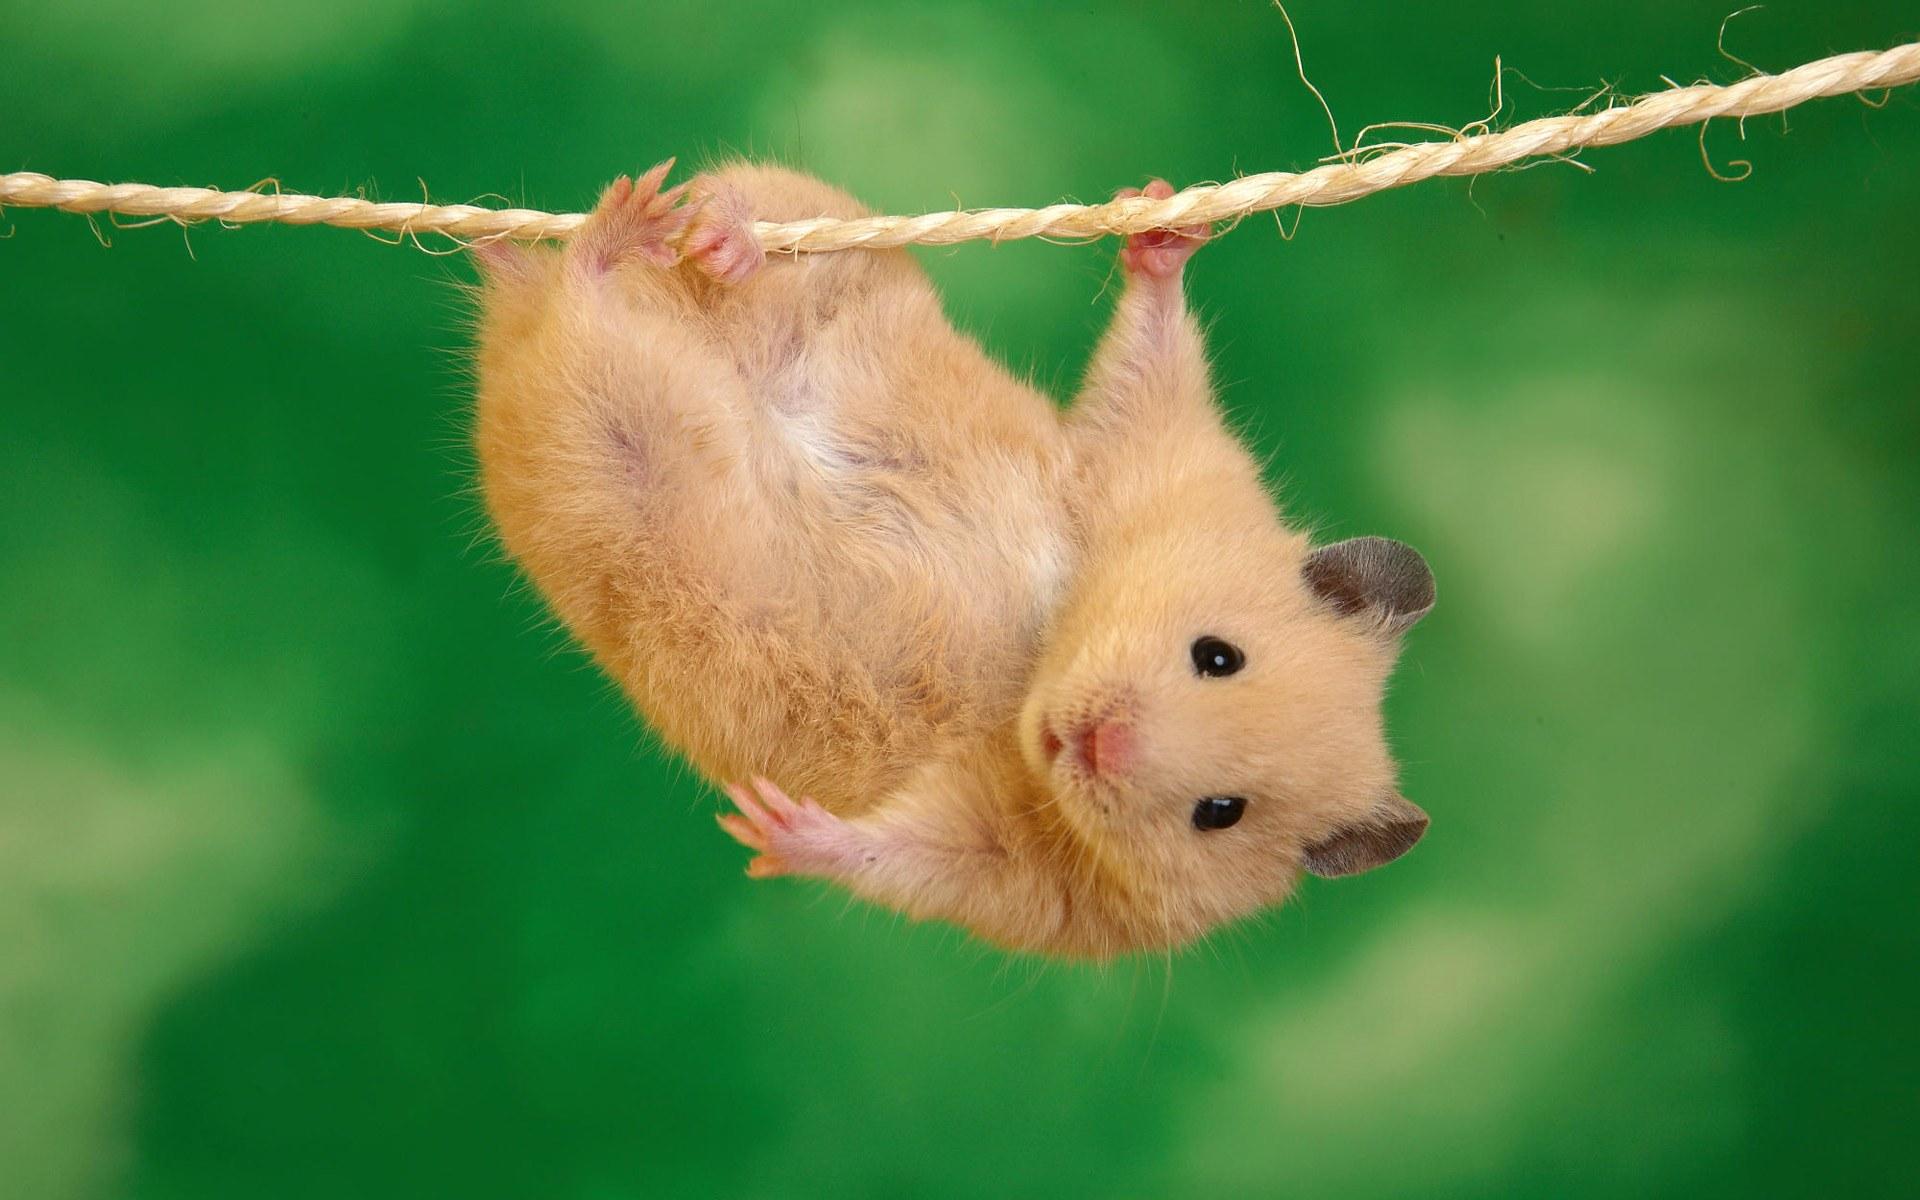 Fondos De Pantalla De Animales Graciosos: 40 Fondos De Pantalla Divertidos De Animales.